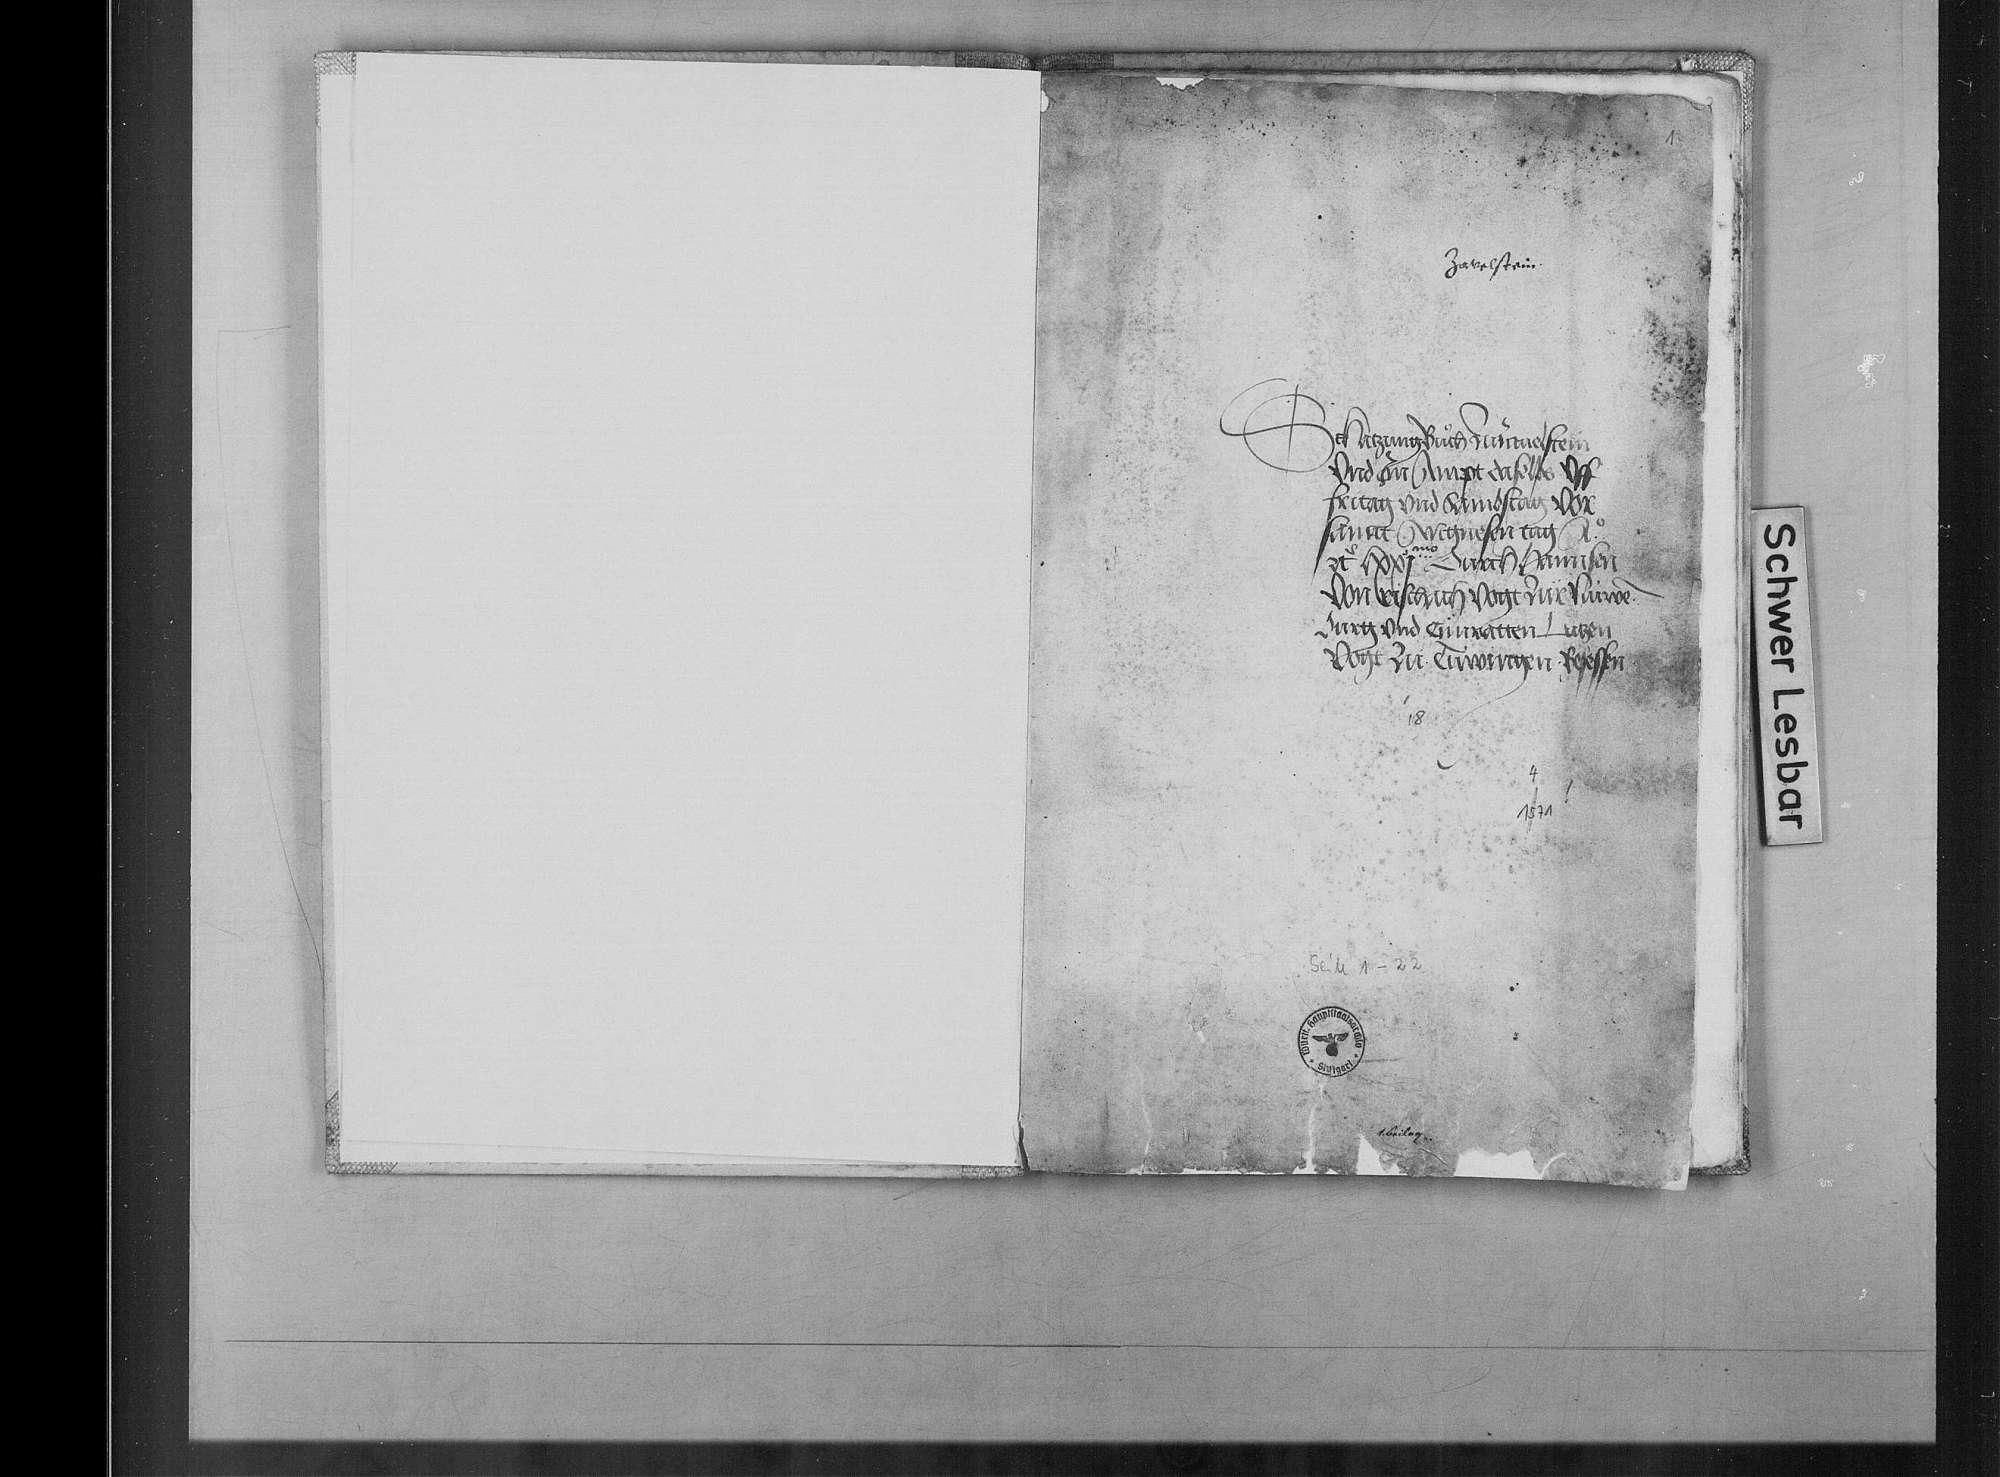 Zavelstein, Bild 2